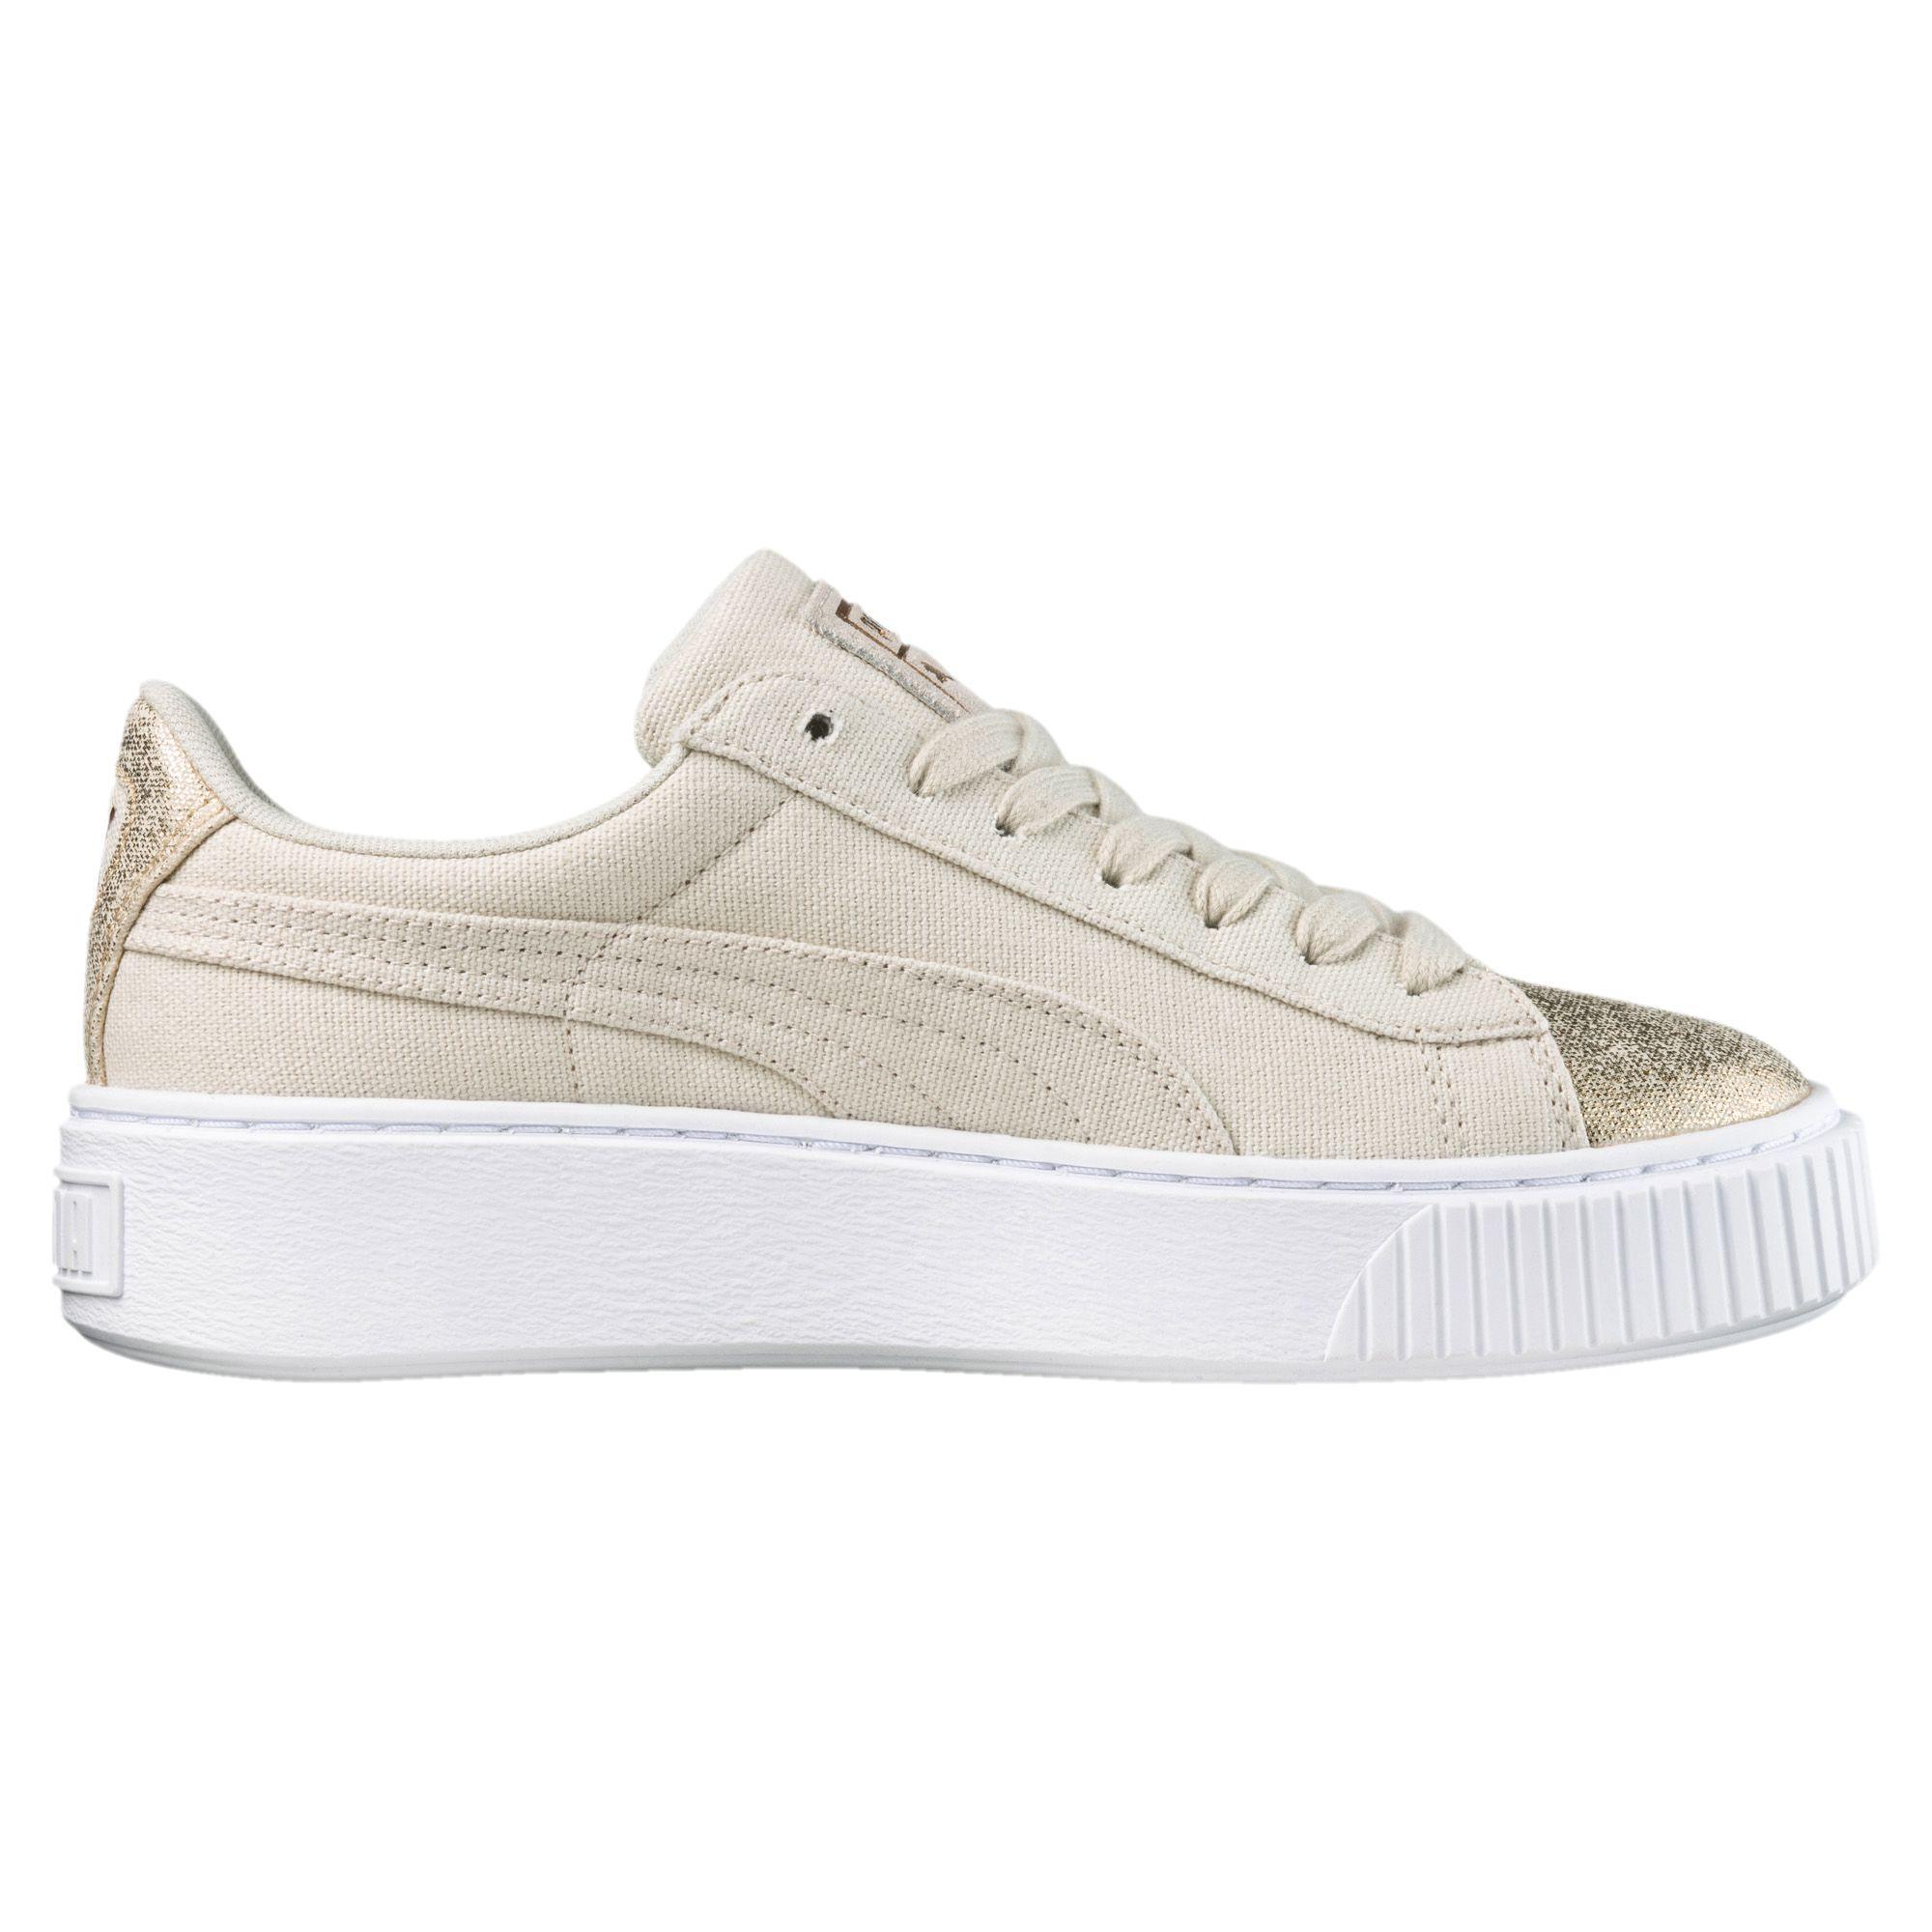 pas cher pour réduction 4e666 bf487 Puma Shoes Basket Platform Canvas Woman